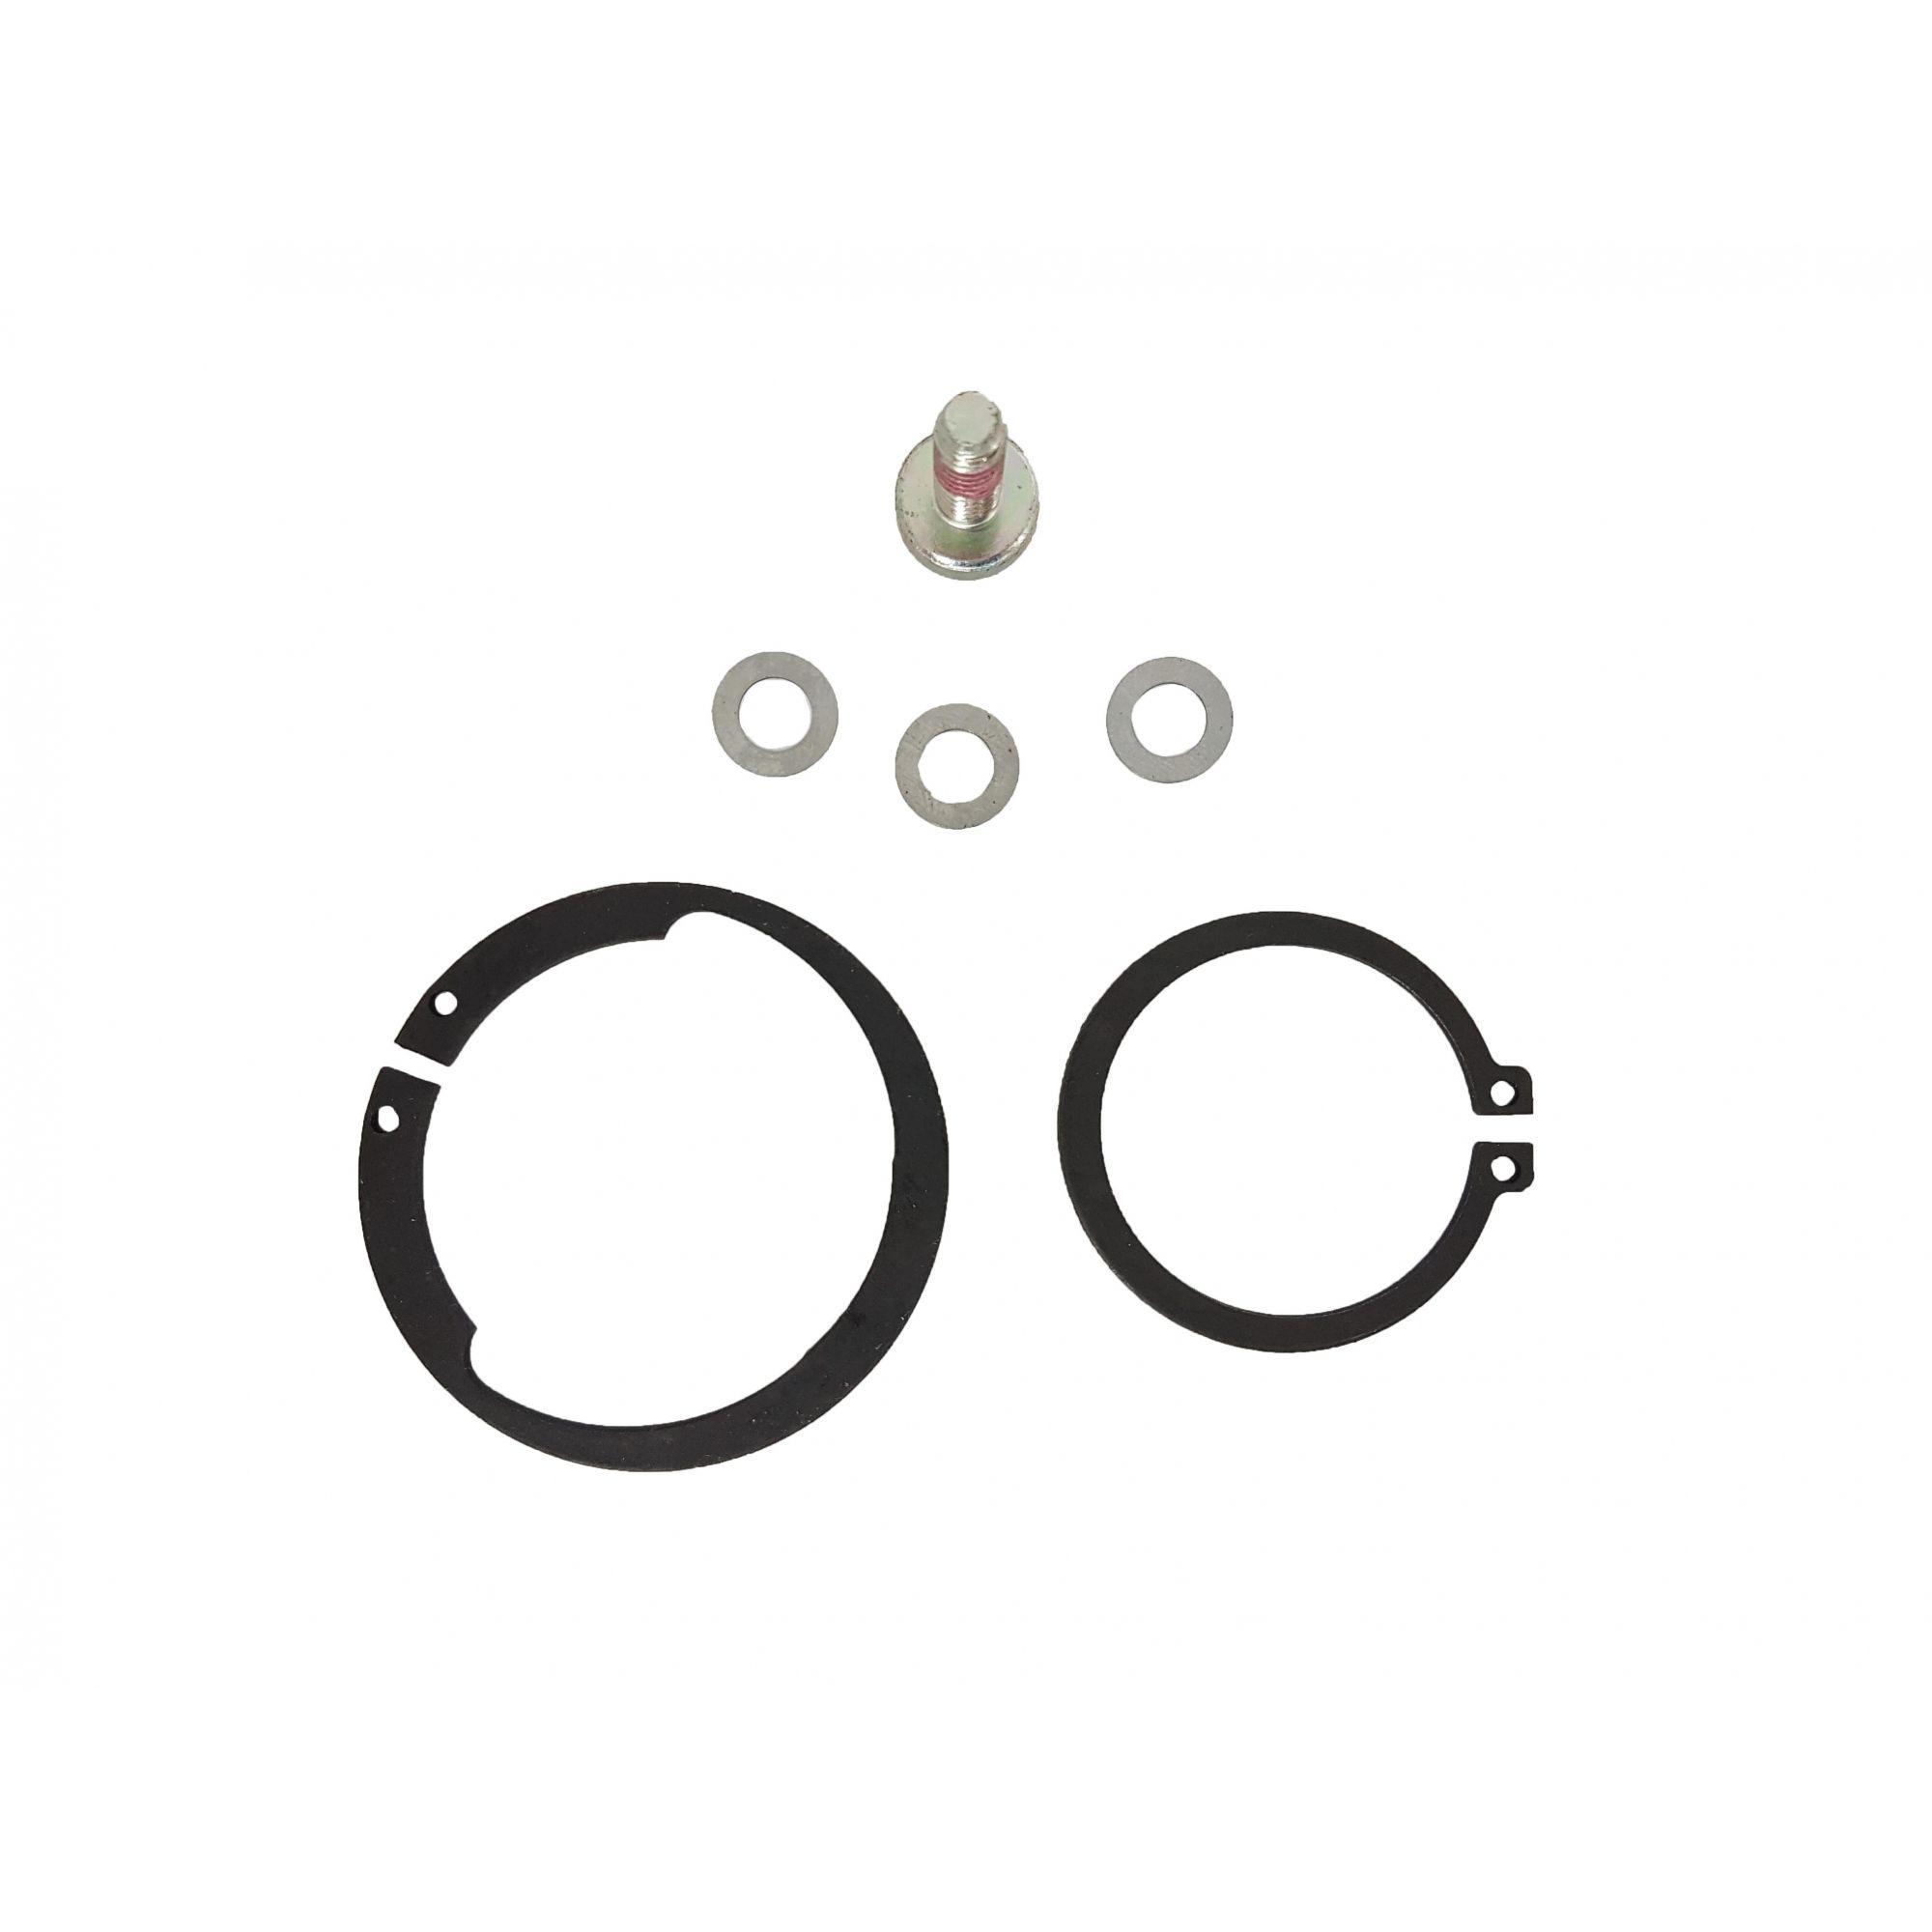 Bobina compressor Vectra / Astra / Celta - MAHLE Original